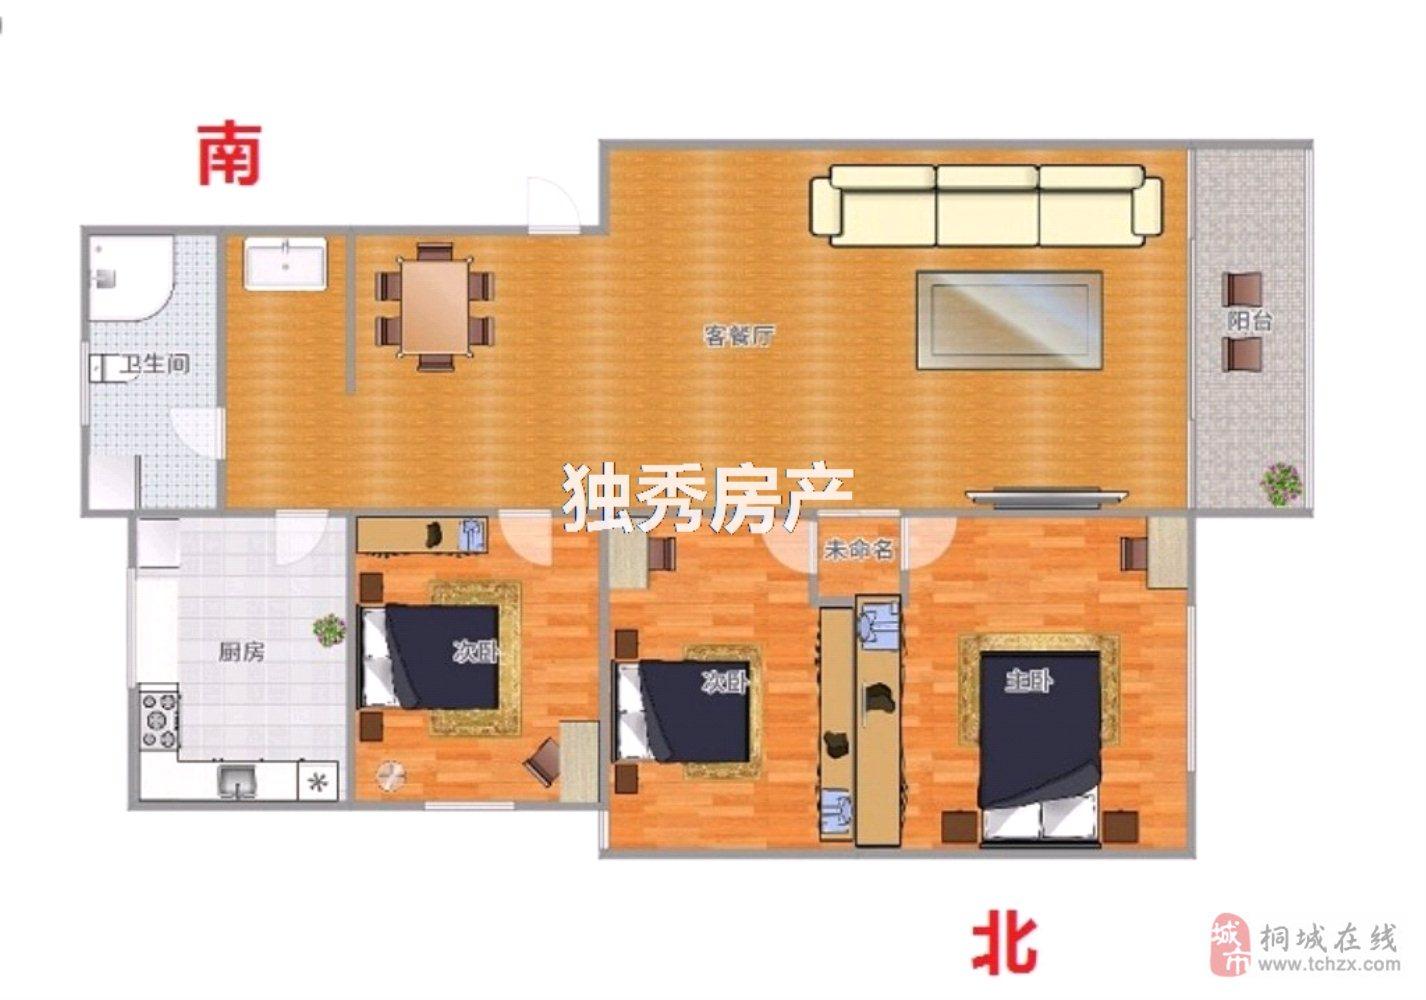 矿机厂宿舍。3室2厅1卫42万元